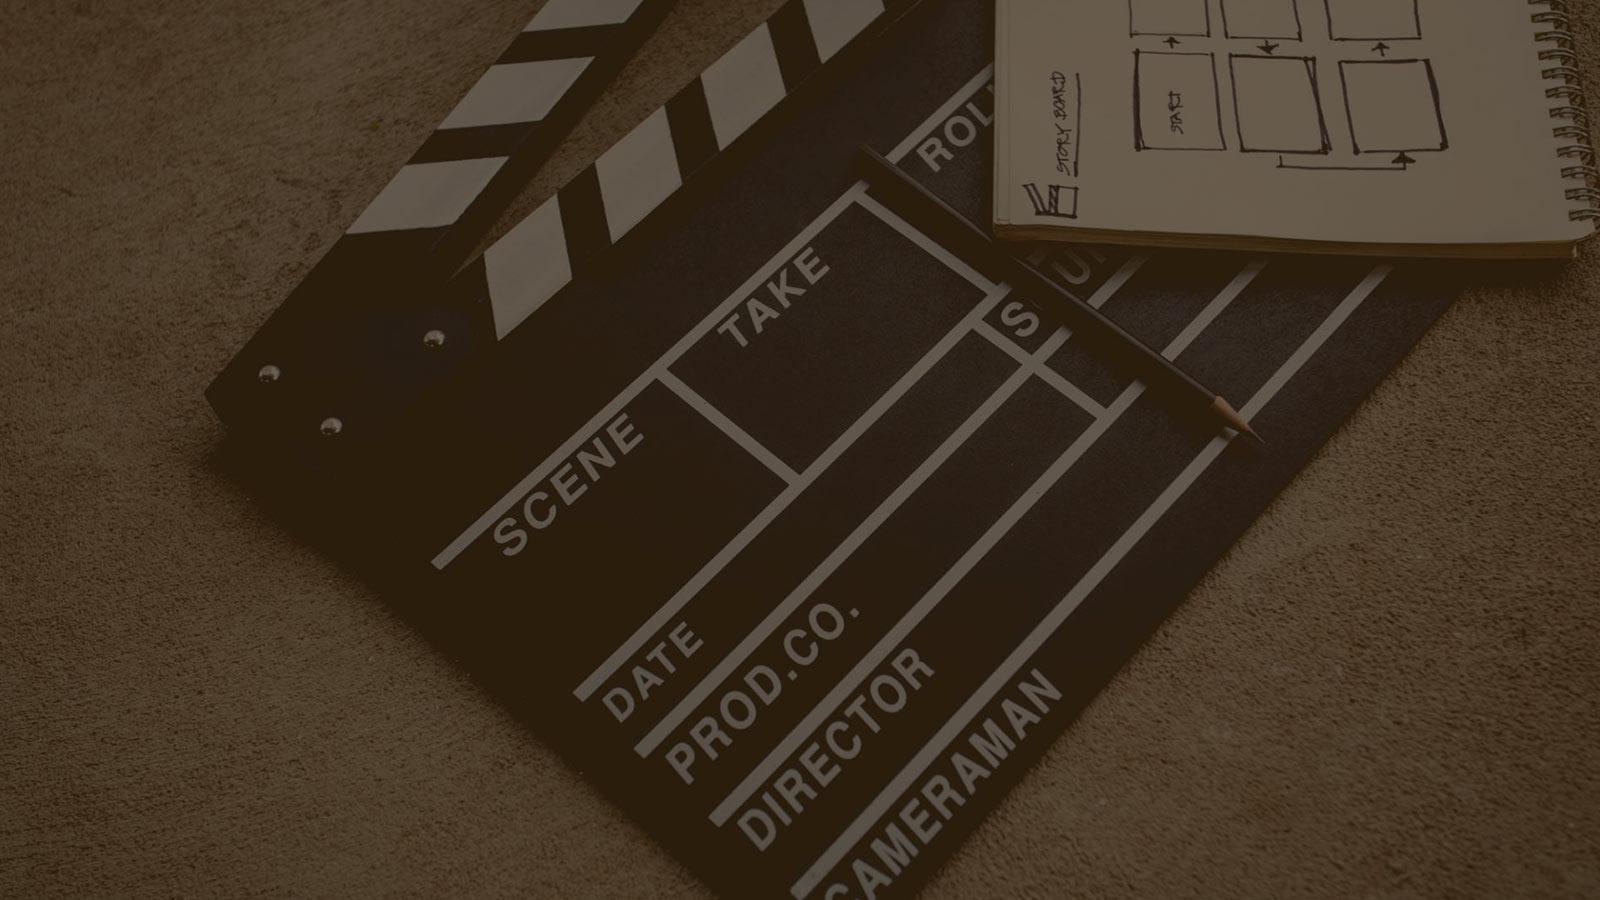 Confira os 5 erros de produção de vídeo mais comuns